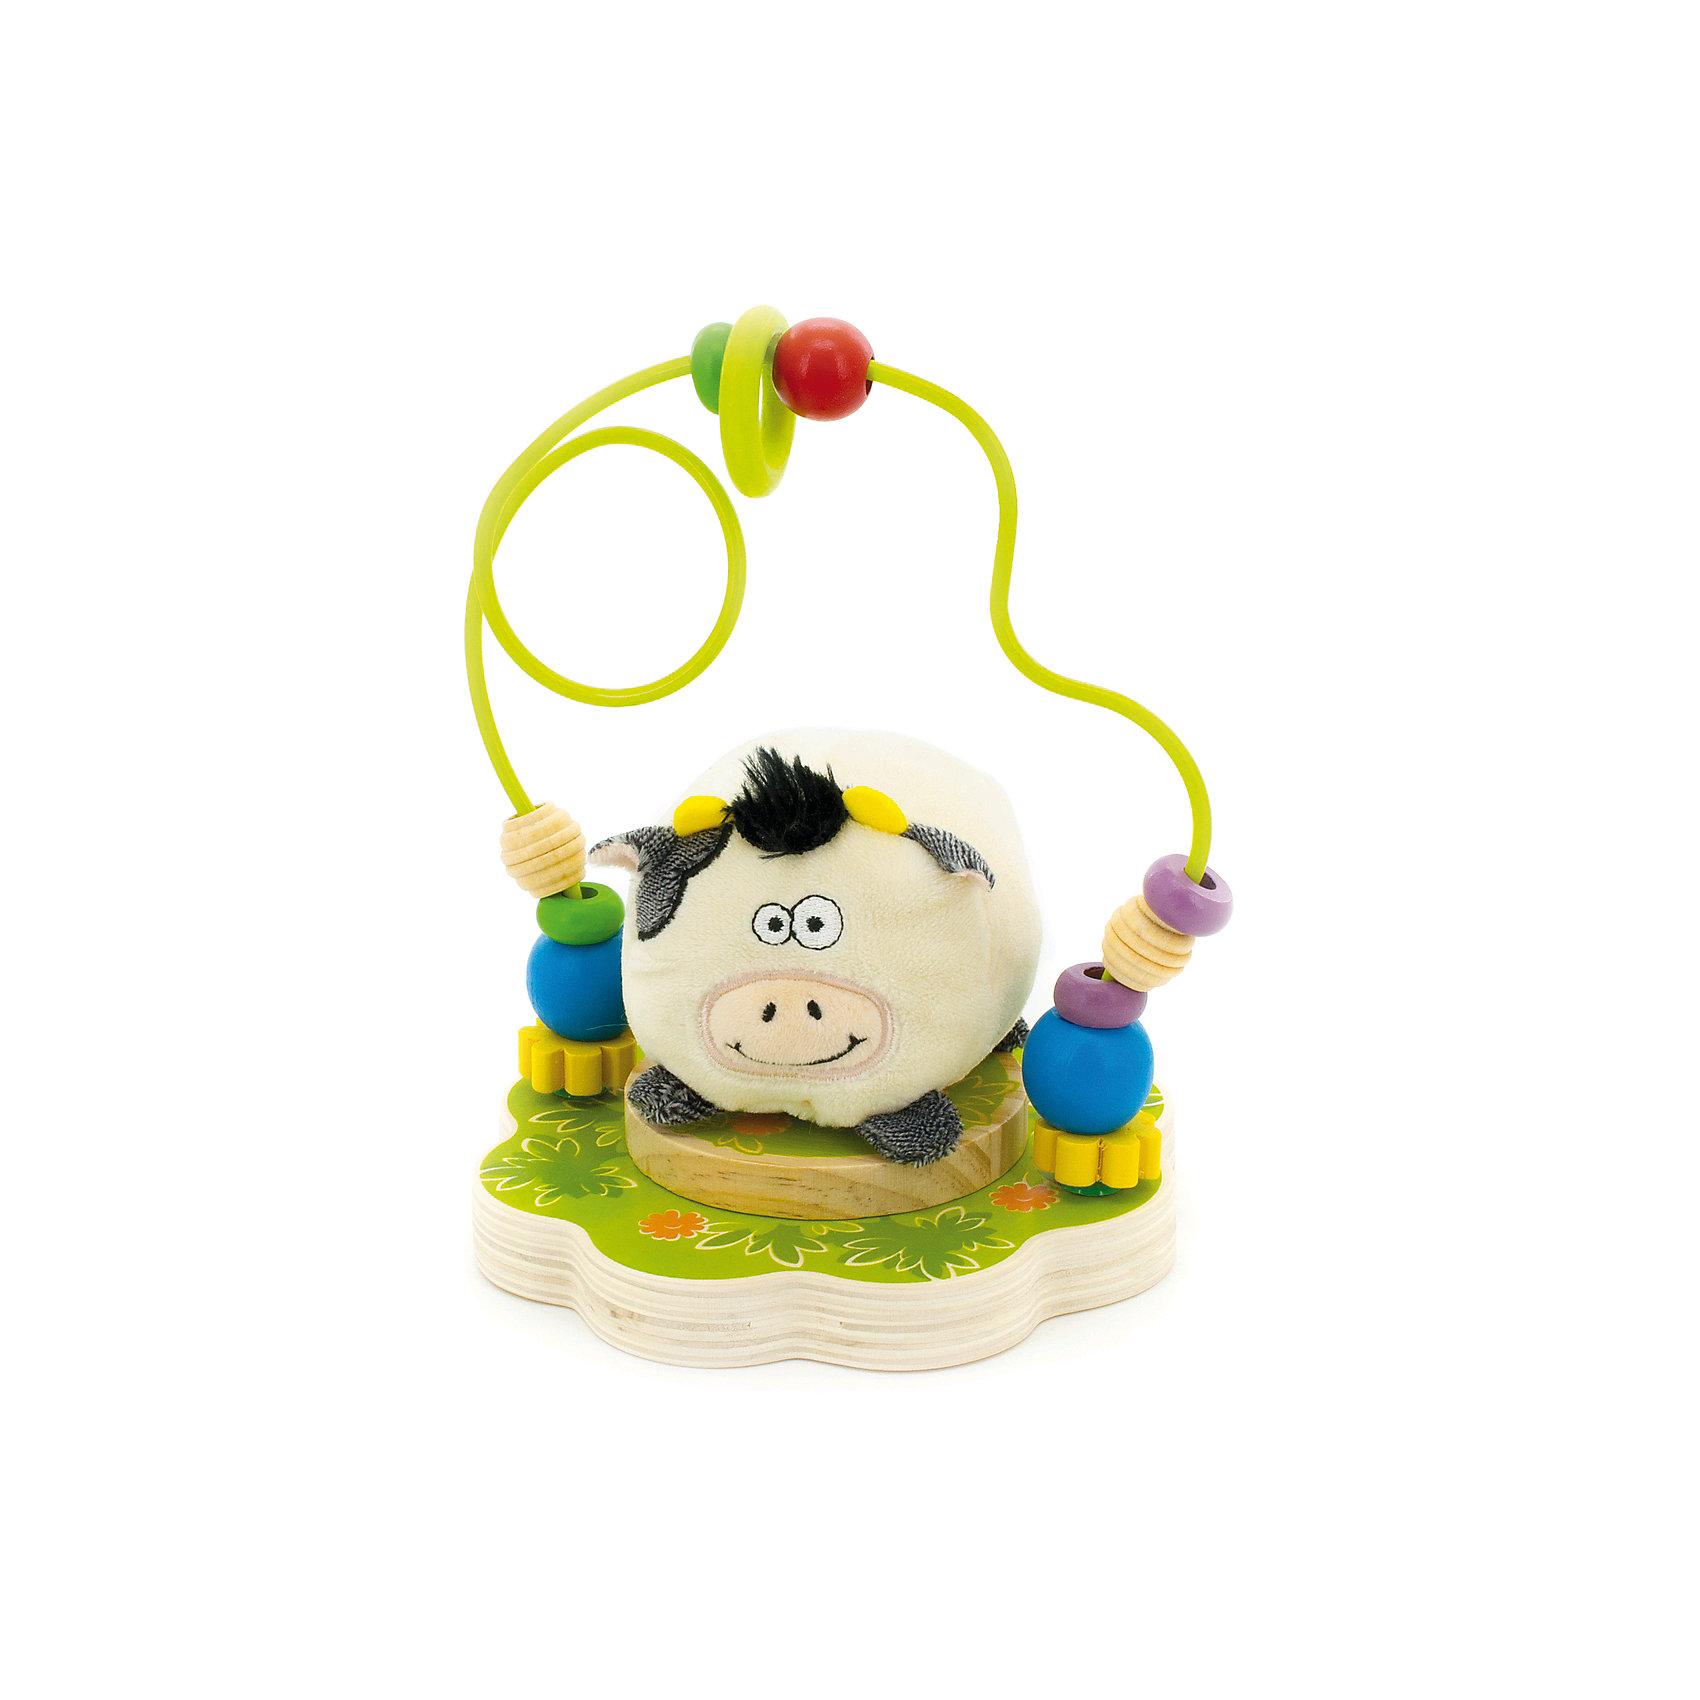 Лабиринт Буренка, МДИРазвивающие игрушки<br>Характеристики товара:<br><br>- цвет: разноцветный;<br>- материал: дерево, металл, текстиль;<br>- особенности: помогает развитию важных навыков;<br>- комплектация: основа, мелкие детали;<br>- размер упаковки: 21х19х16 см;<br>- вес: 550 г.<br><br>Развивать навыки ребенка можно в любом возрасте! Эта обучающая игрушка поможет малышу в игровой форме научиться многому. Игрушка очень качественно выполнена, поэтому она станет отличным подарком ребенку. Она состоит из основы и мелких неснимающихся деталей, которые можно двигать. Такое изделие отлично тренирует у ребенка разные навыки. Играя с ней, малыш осваивает счет, развивает мелкую моторику, цветовосприятие, внимание, воображение и творческое мышление.<br>Изделие произведено из высококачественного материала, безопасного для детей.<br><br>Лабиринт Буренка от бренда Мир деревянных игрушек можно купить в нашем интернет-магазине.<br><br>Ширина мм: 19<br>Глубина мм: 16<br>Высота мм: 21<br>Вес г: 550<br>Возраст от месяцев: 36<br>Возраст до месяцев: 2147483647<br>Пол: Унисекс<br>Возраст: Детский<br>SKU: 5048956